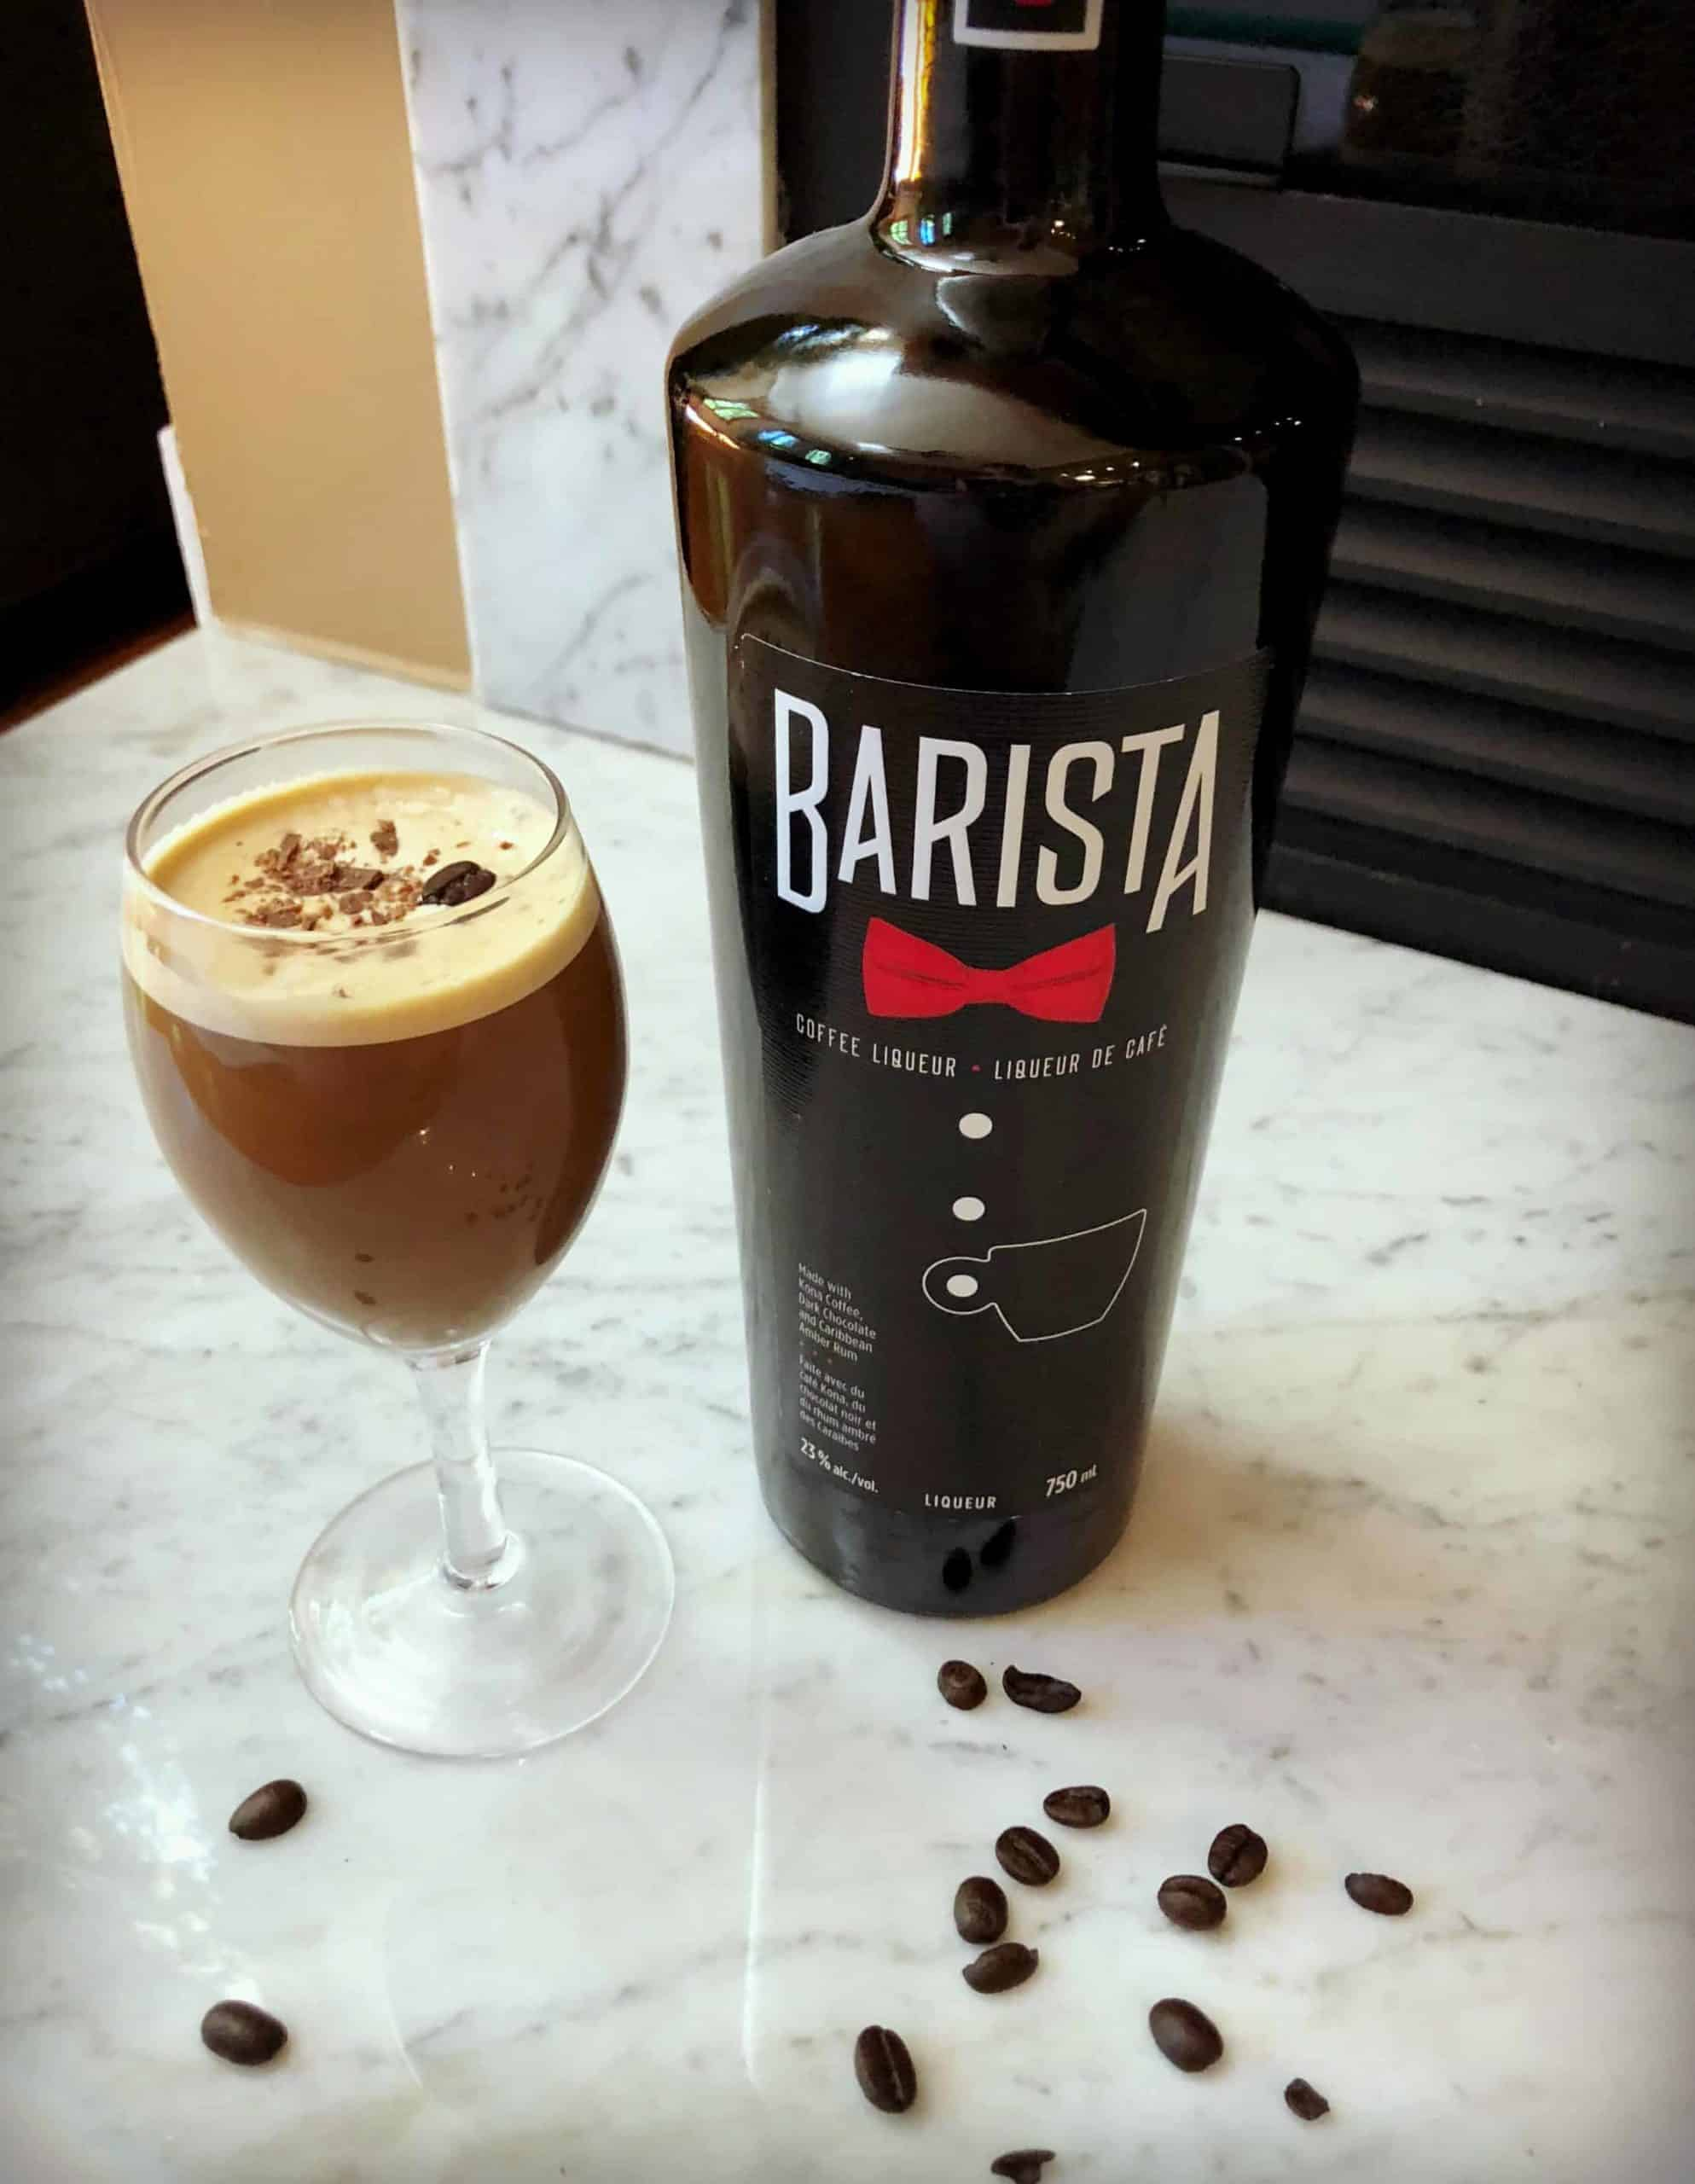 Recette de café alcoolisé Espresso Martini avec liqueur de café et vodka. Parfait pour terminer un repas sur une note festive!